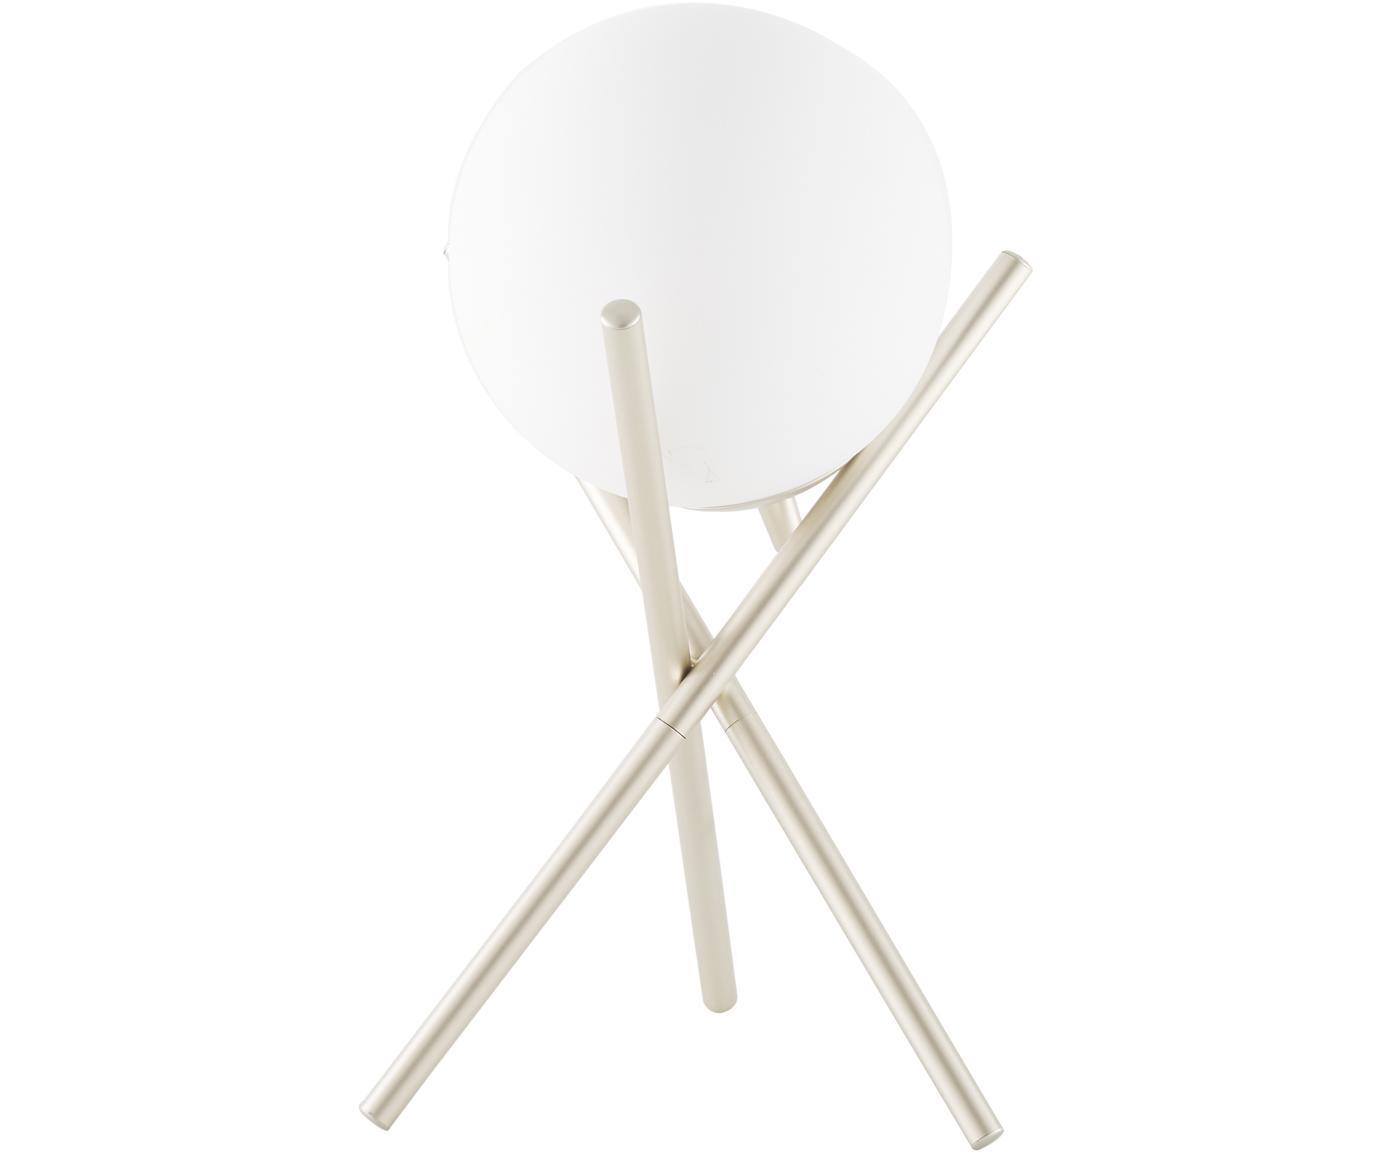 Lampa stołowa Erik, Biały, odcienie szampańskiego, Ø 15 x W 33 cm